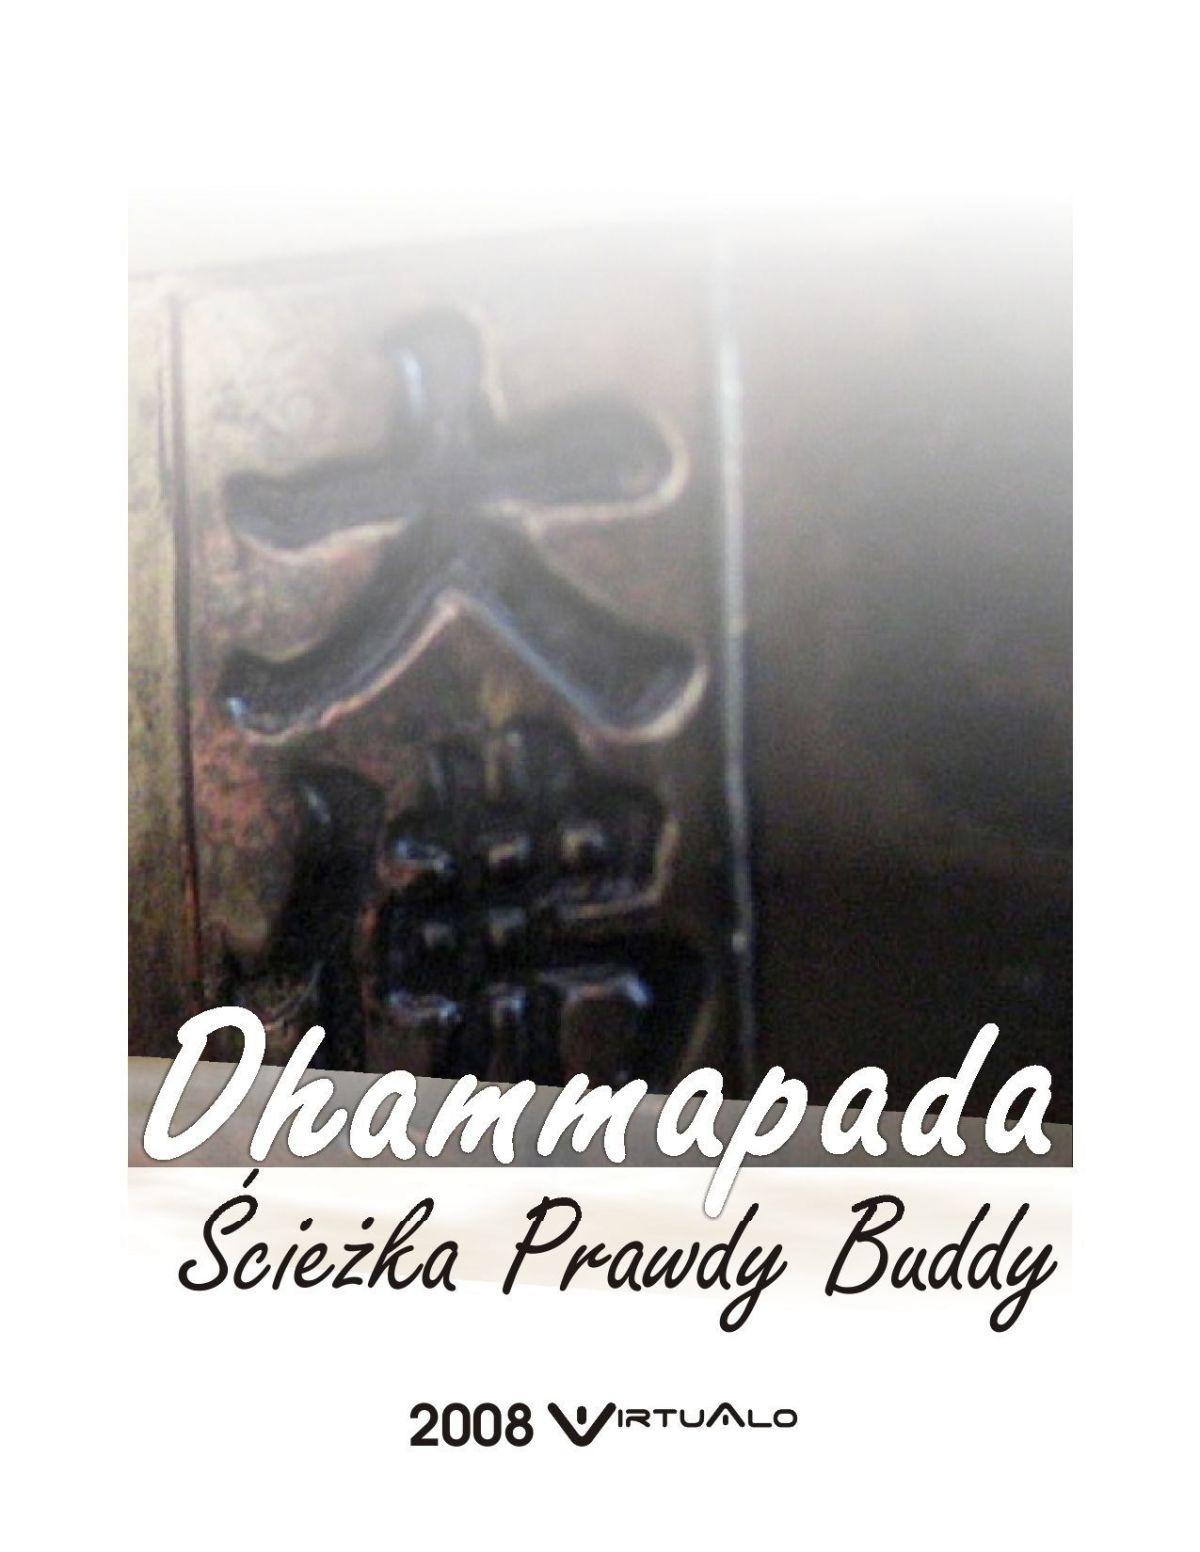 Dhammapada - Ścieżka Prawdy Buddy - Ebook (Książka ONLINE) do czytania tylko poprzez Internet